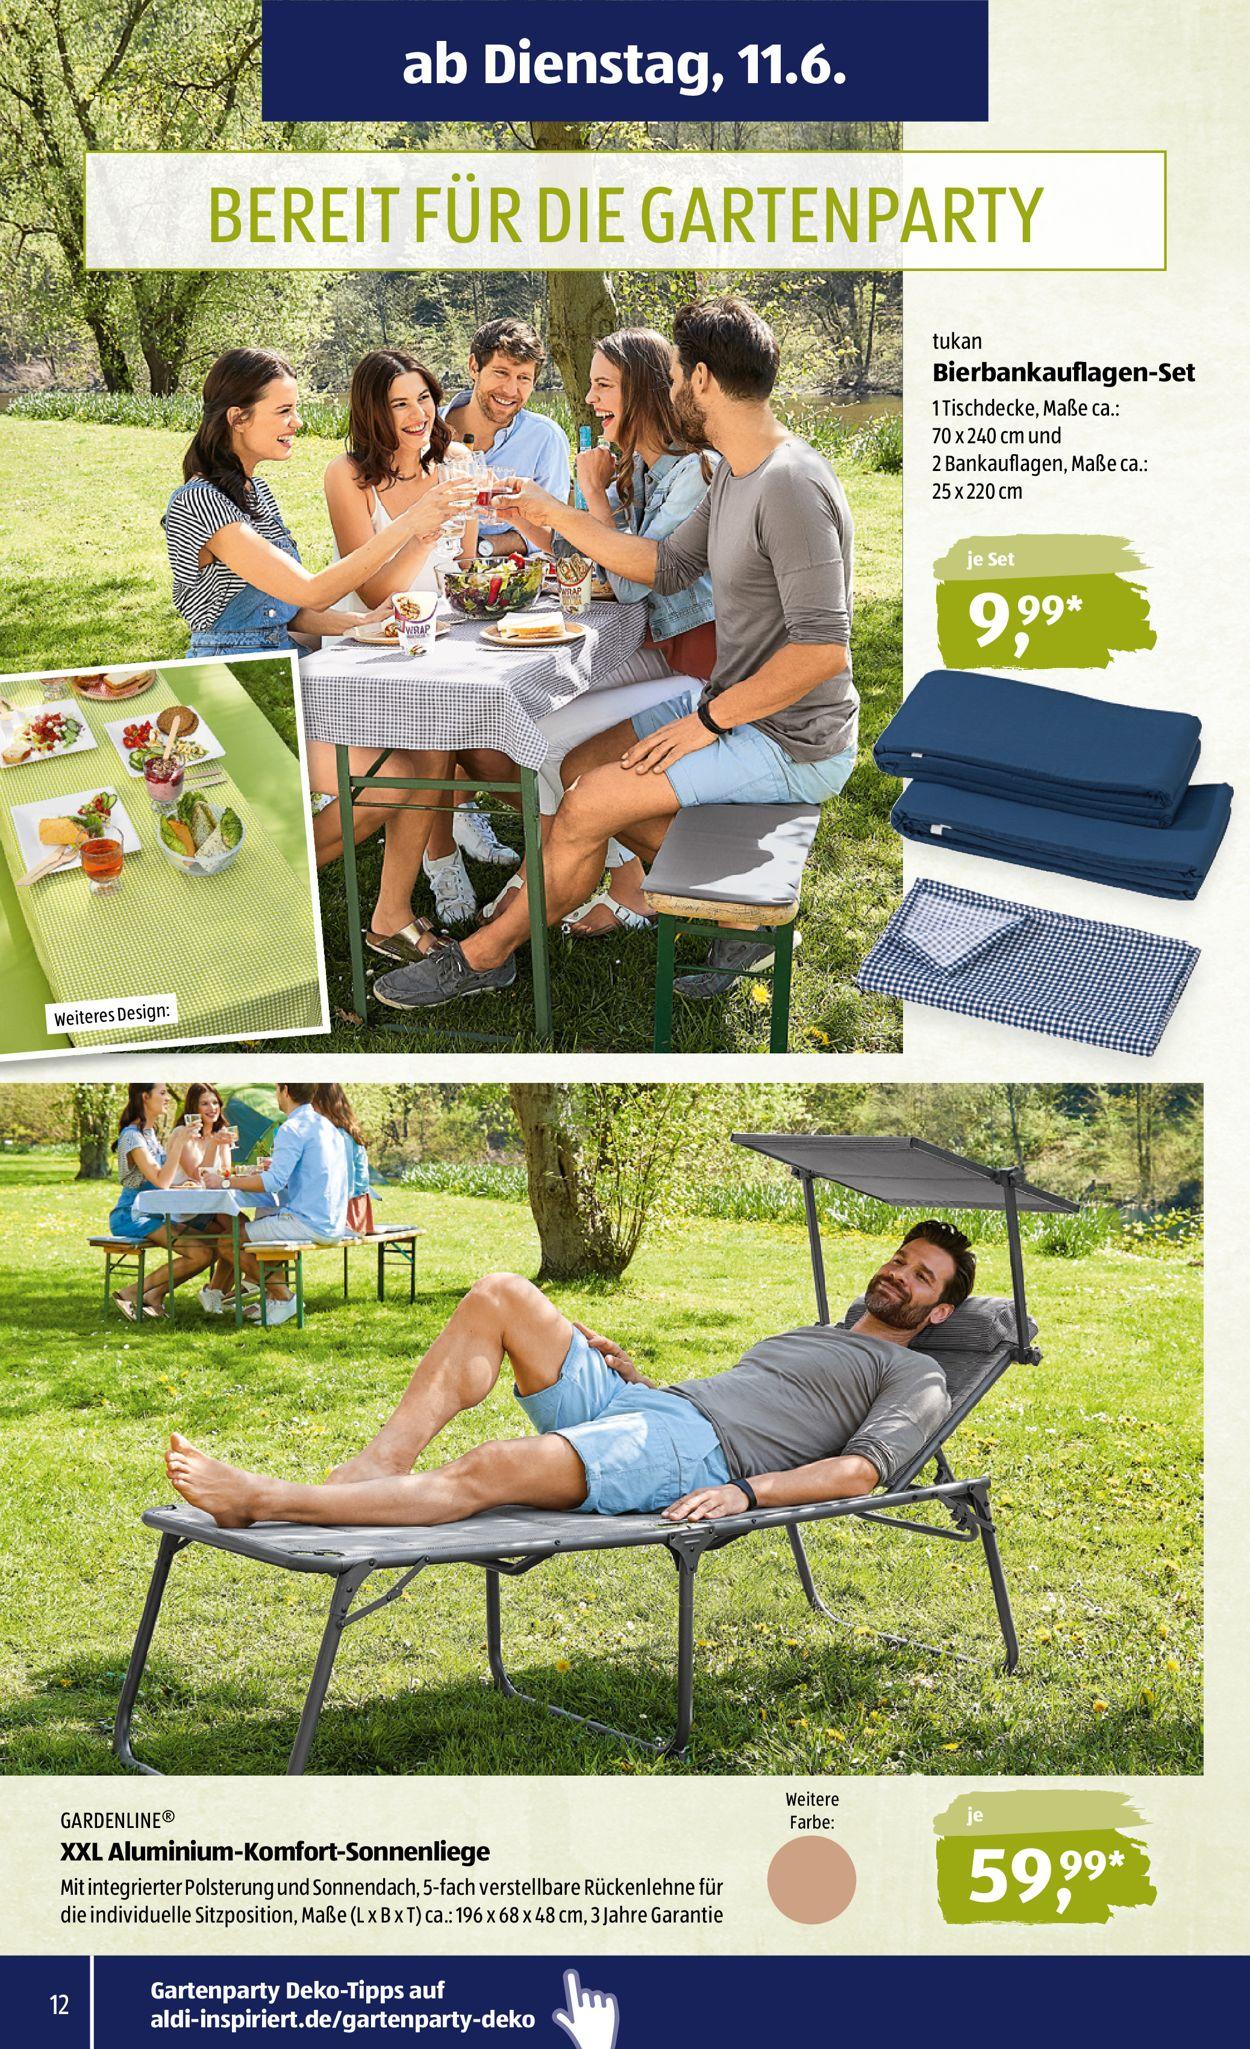 Full Size of Sonnenliege Aldi Sd Aktueller Prospekt 1106 15062019 12 Jedewoche Relaxsessel Garten Wohnzimmer Sonnenliege Aldi